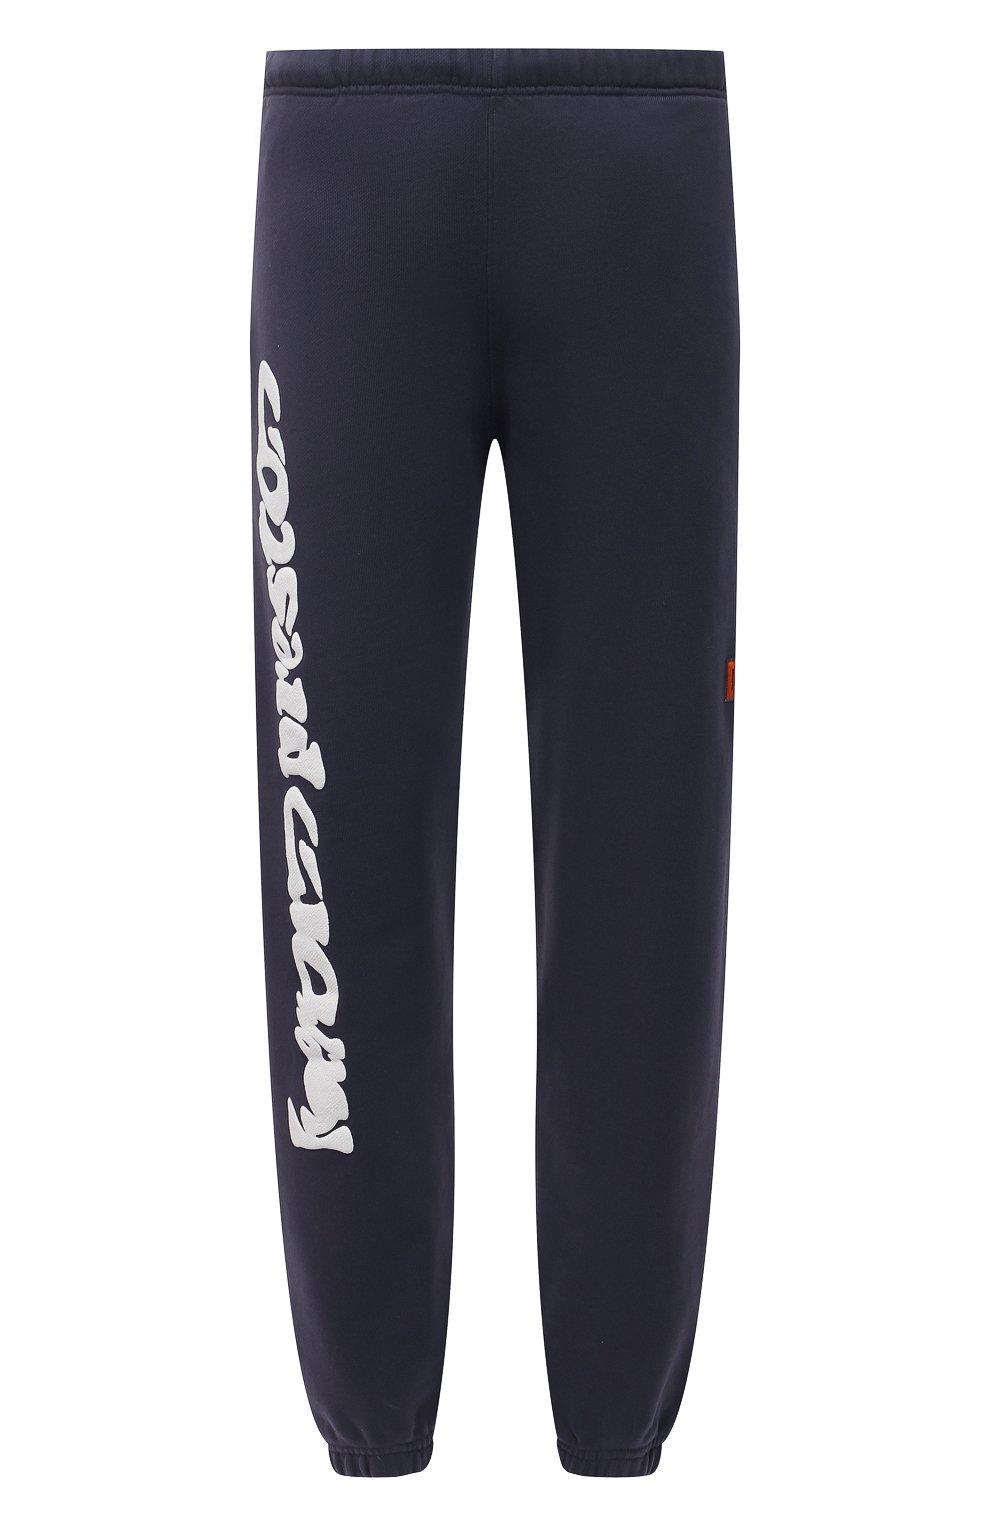 Мужские хлопковые джоггеры HERON PRESTON синего цвета, арт. HMCH014S21JER0010701 | Фото 1 (Мужское Кросс-КТ: Брюки-трикотаж, Джоггеры-одежда; Длина (брюки, джинсы): Стандартные; Материал внешний: Хлопок; Стили: Спорт-шик; Силуэт М (брюки): Джоггеры)